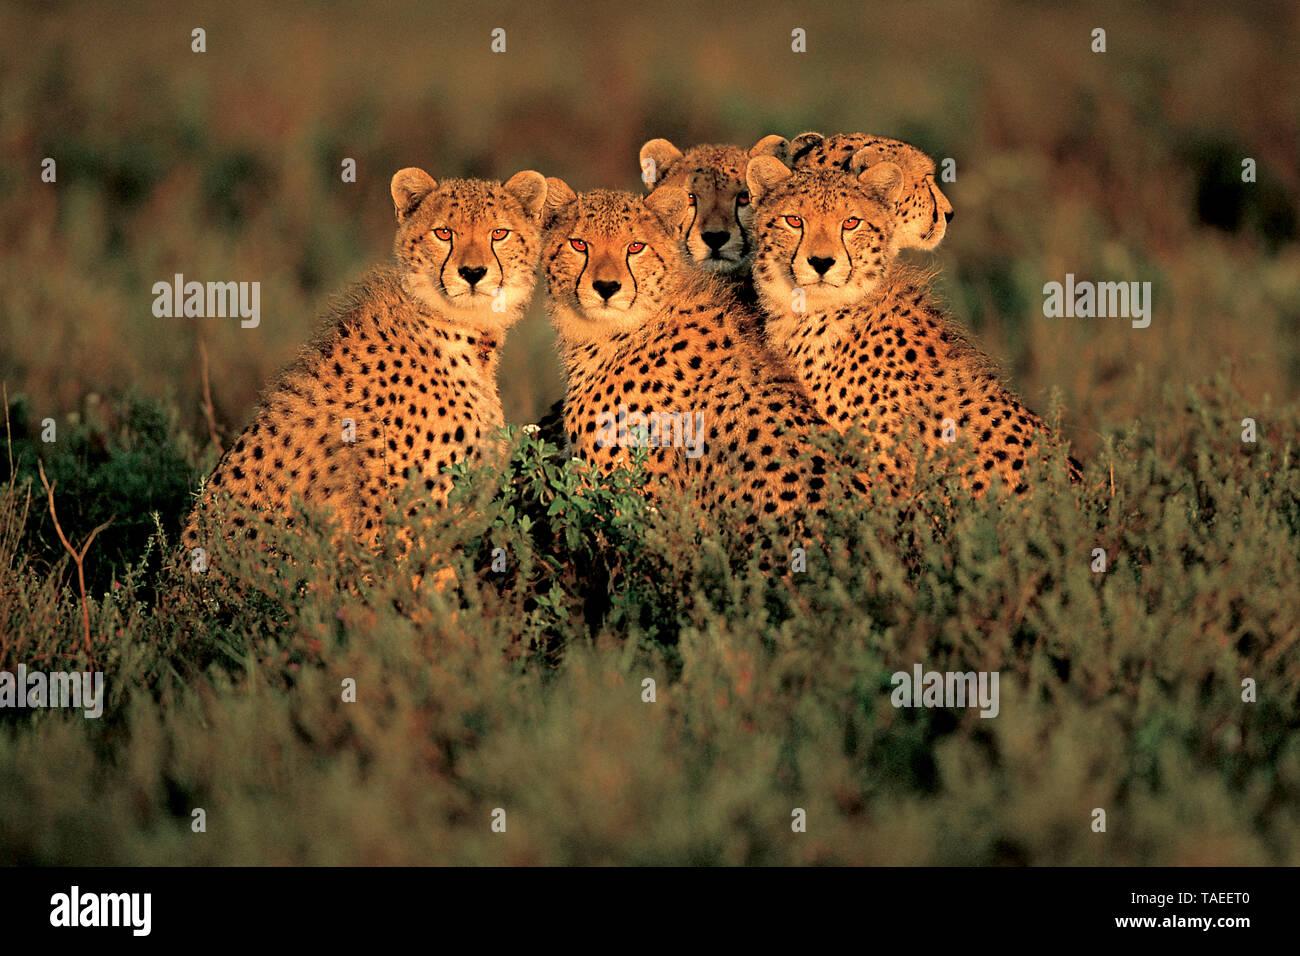 Cheetah (Acinonyx jubatus) sibling, Serengeti, Tanzania - Stock Image